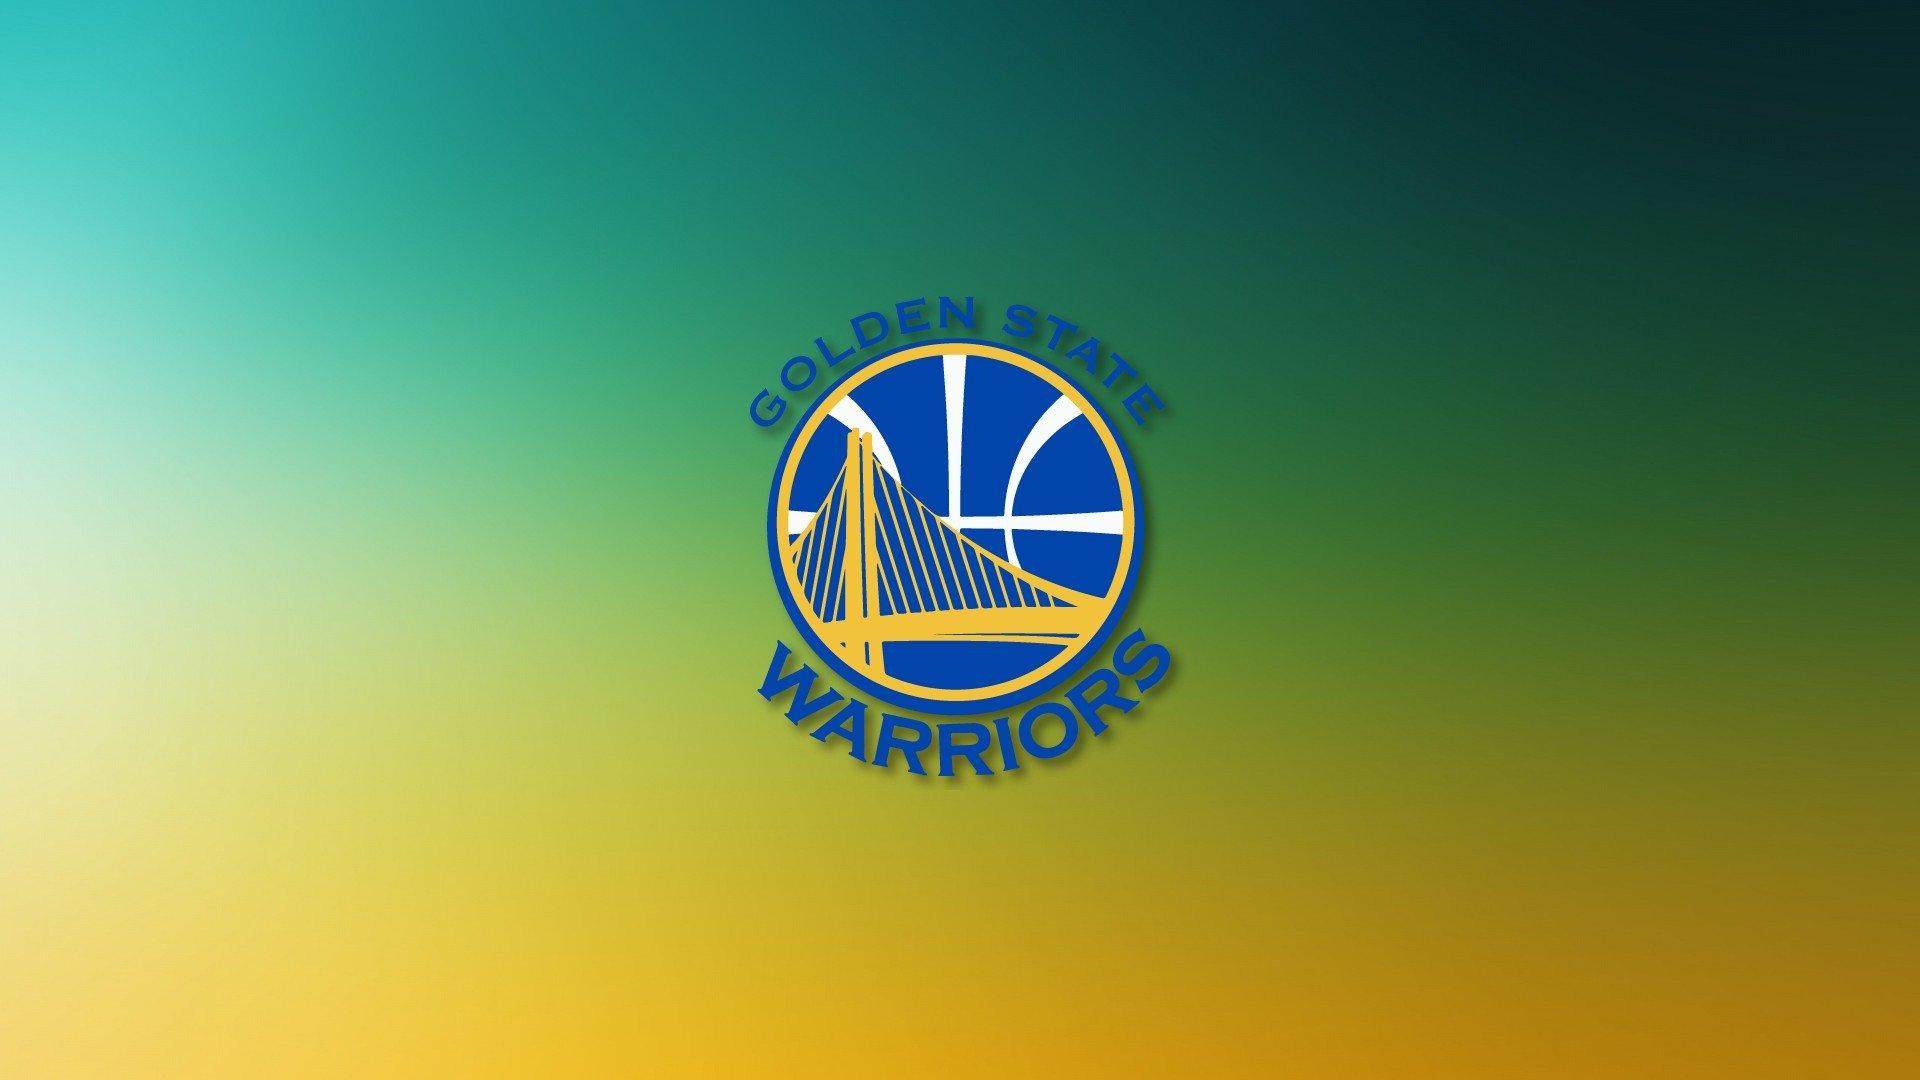 HD Backgrounds Golden State Warriors NBA 2019 Basketball Wallpaper 1920x1080